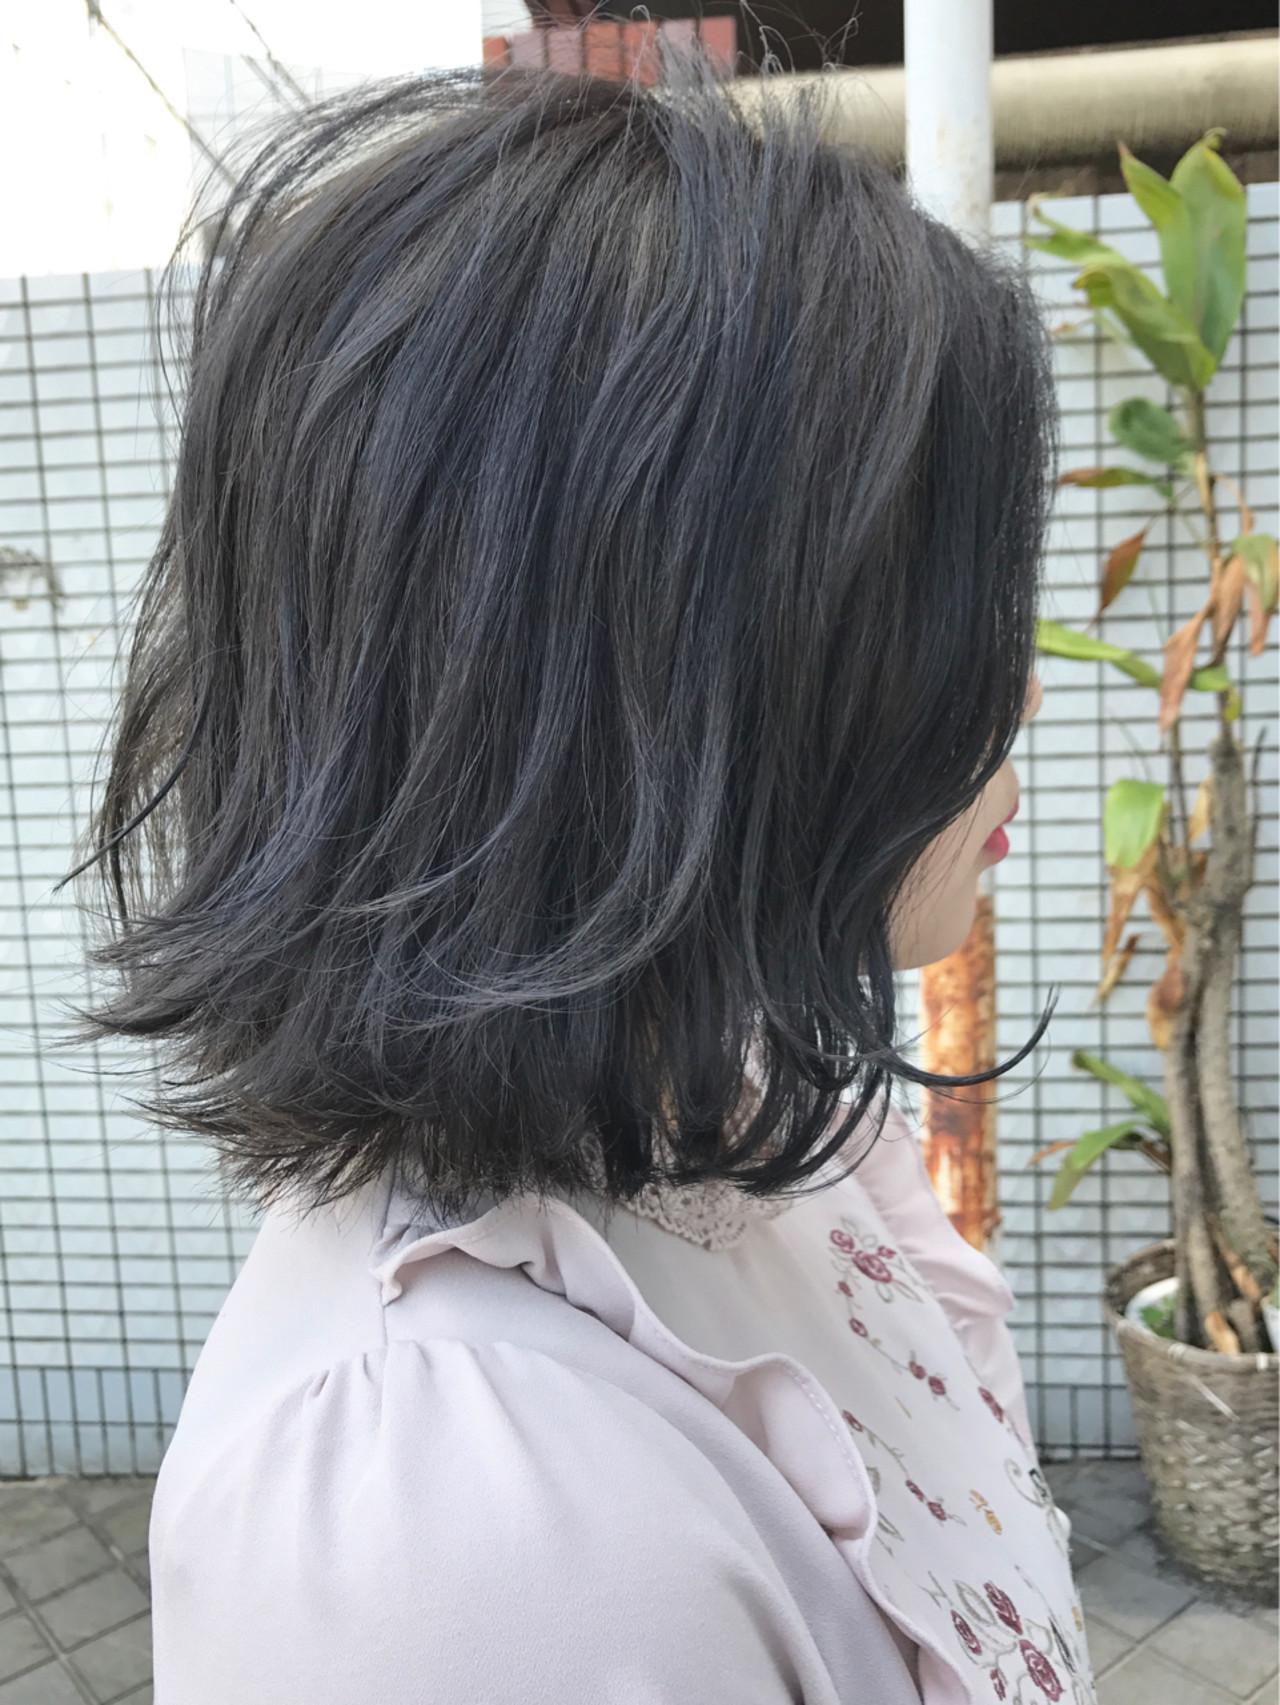 アウトドア ブルージュ ブルーブラック グレージュ ヘアスタイルや髪型の写真・画像